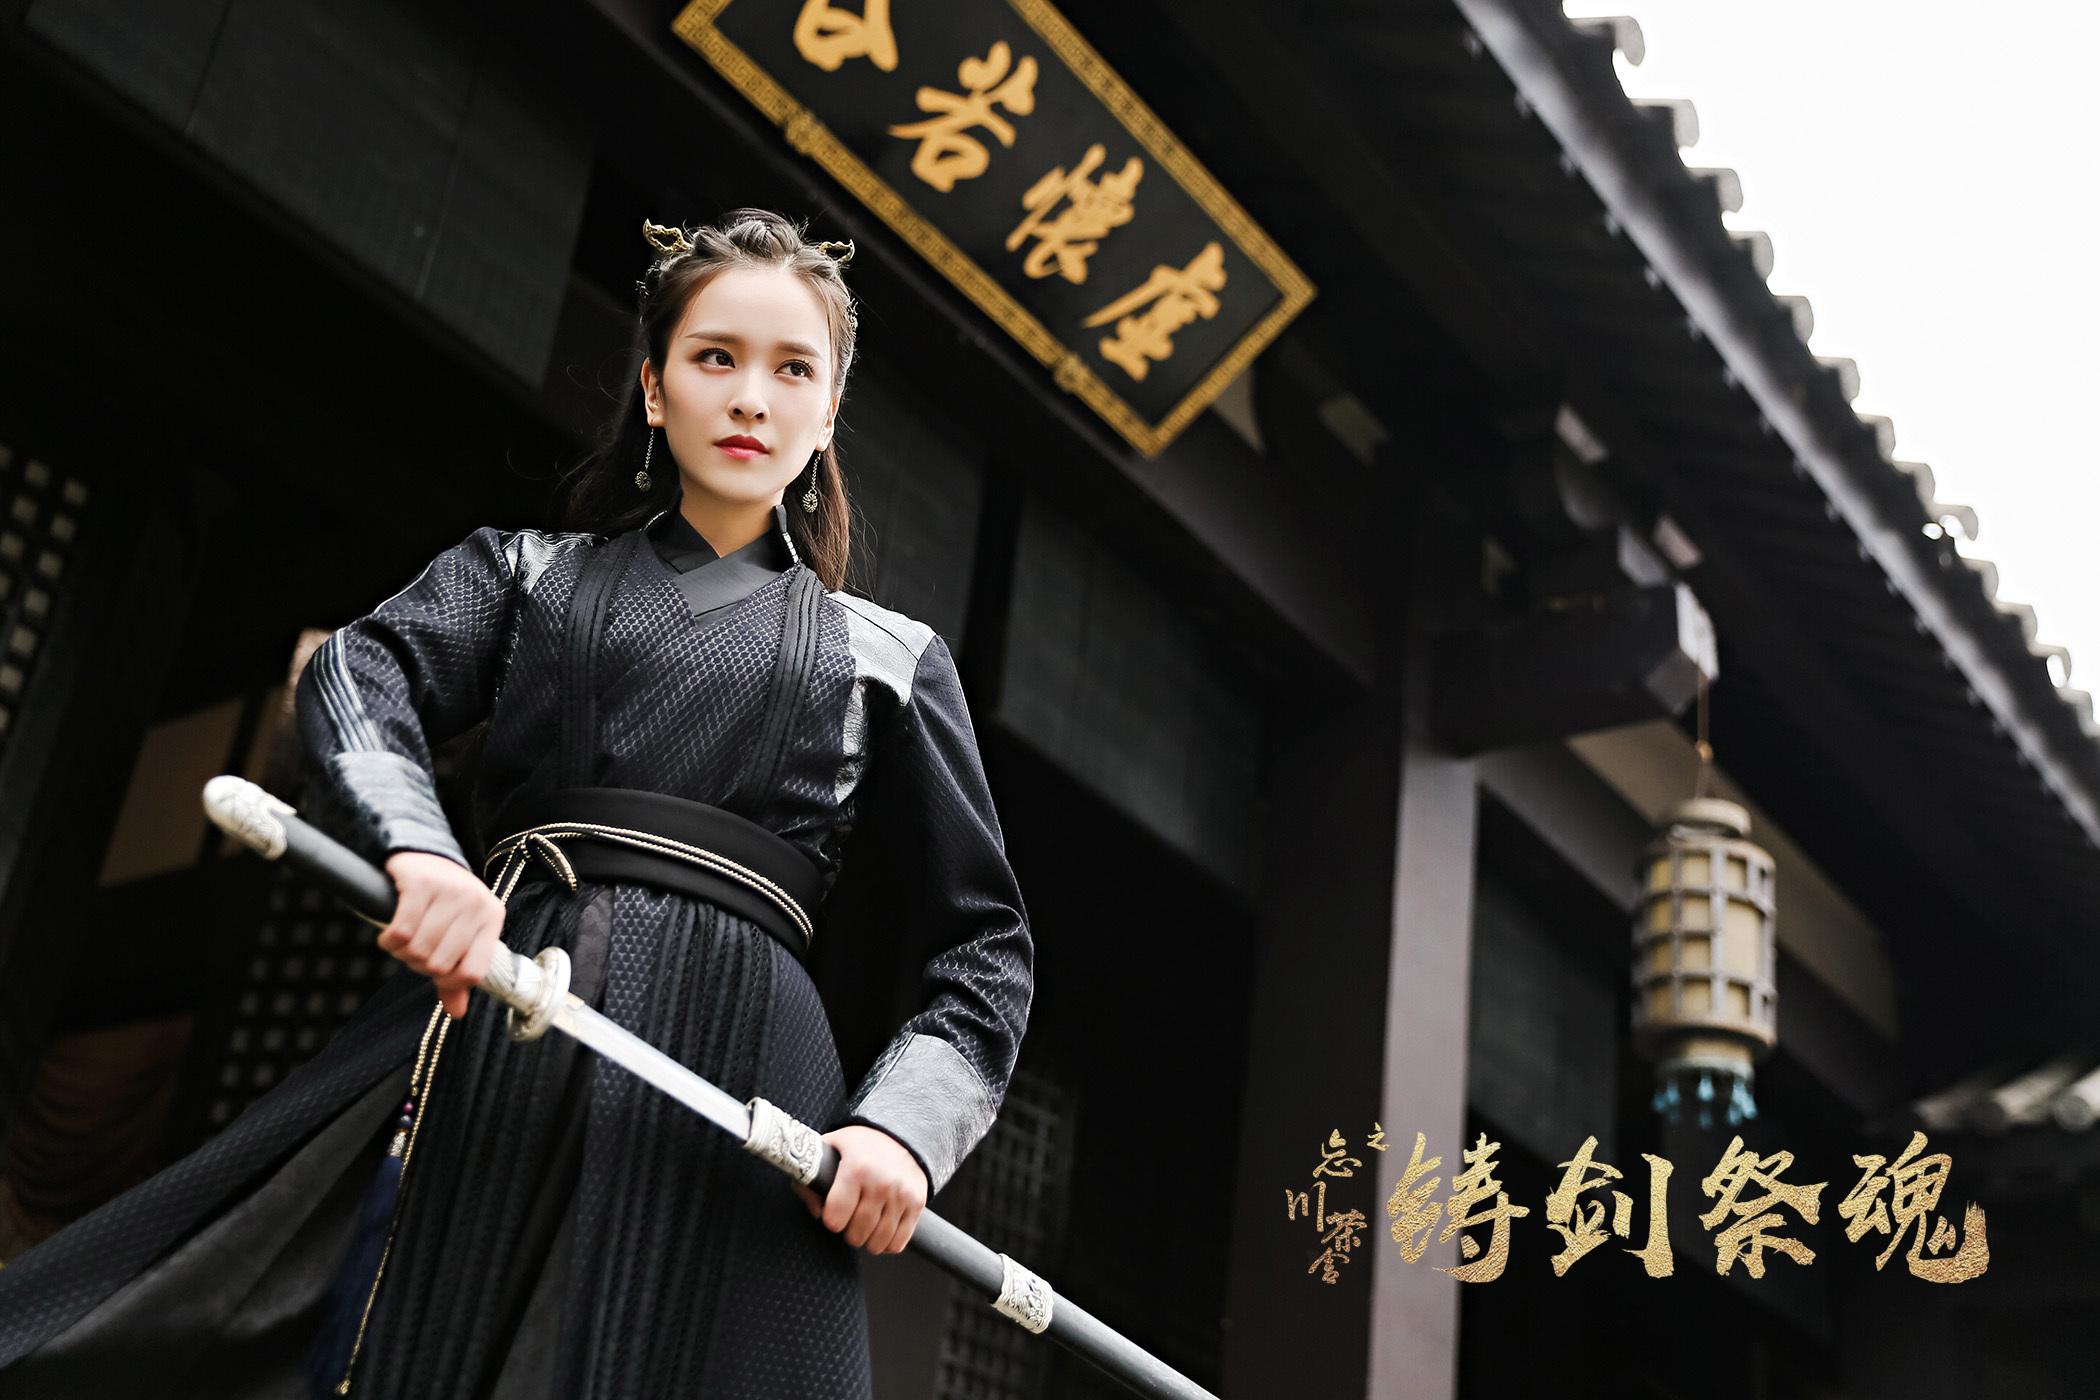 《忘川茶舍之铸剑祭魂》今日上线 董璇领衔侠魔混战